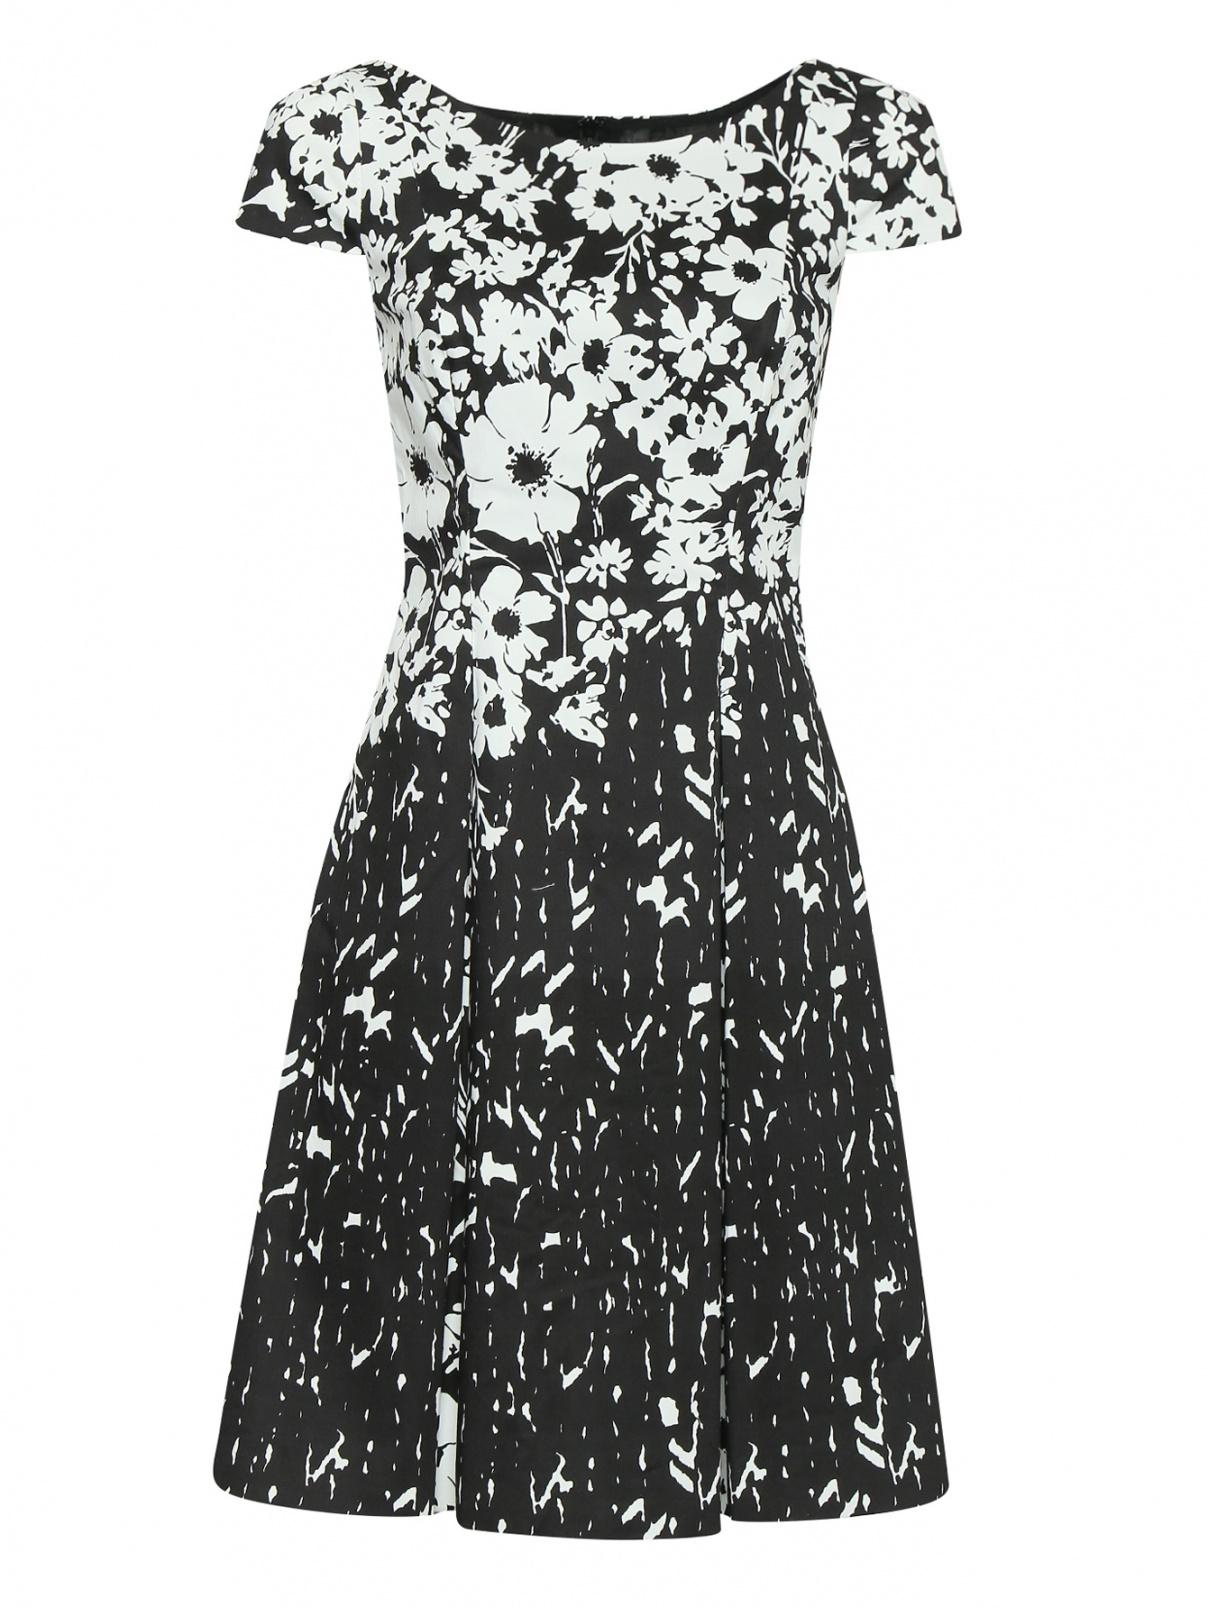 Платье из хлопка с узором Luisa Spagnoli  –  Общий вид  – Цвет:  Узор